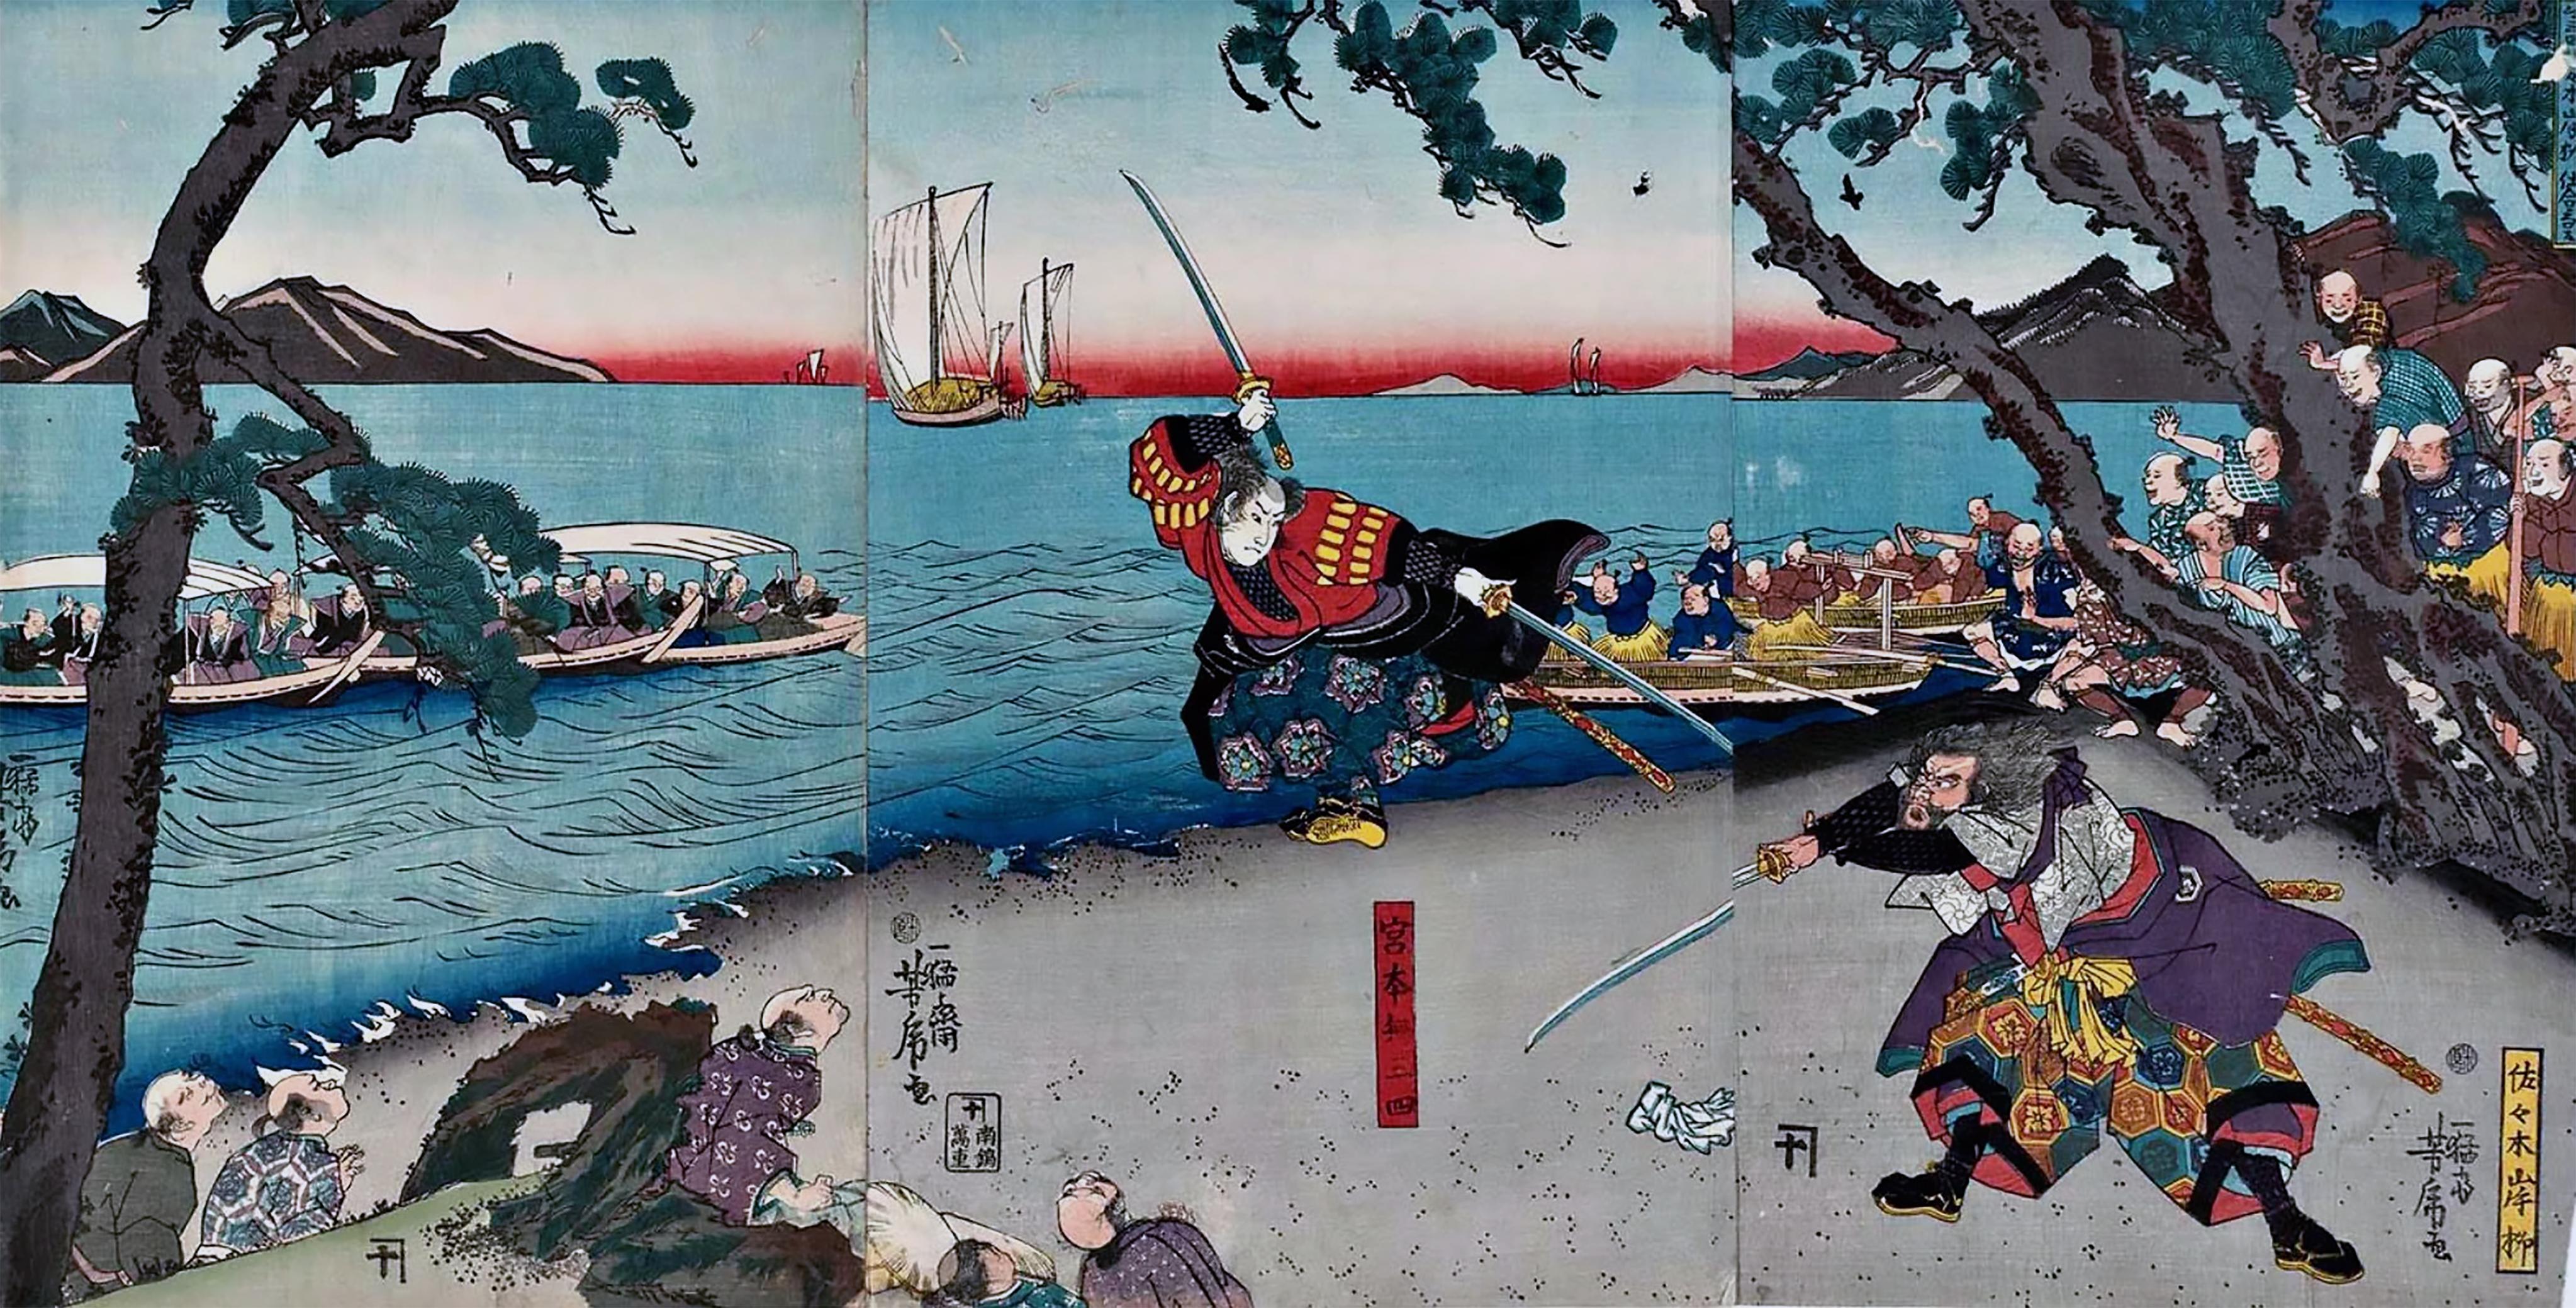 Archivo:Miyamoto-Musashi-Fights-Sasaki-Kojiro-at-Ganryujima-Ukiyo-e.png -  Wikipedia, la enciclopedia libre